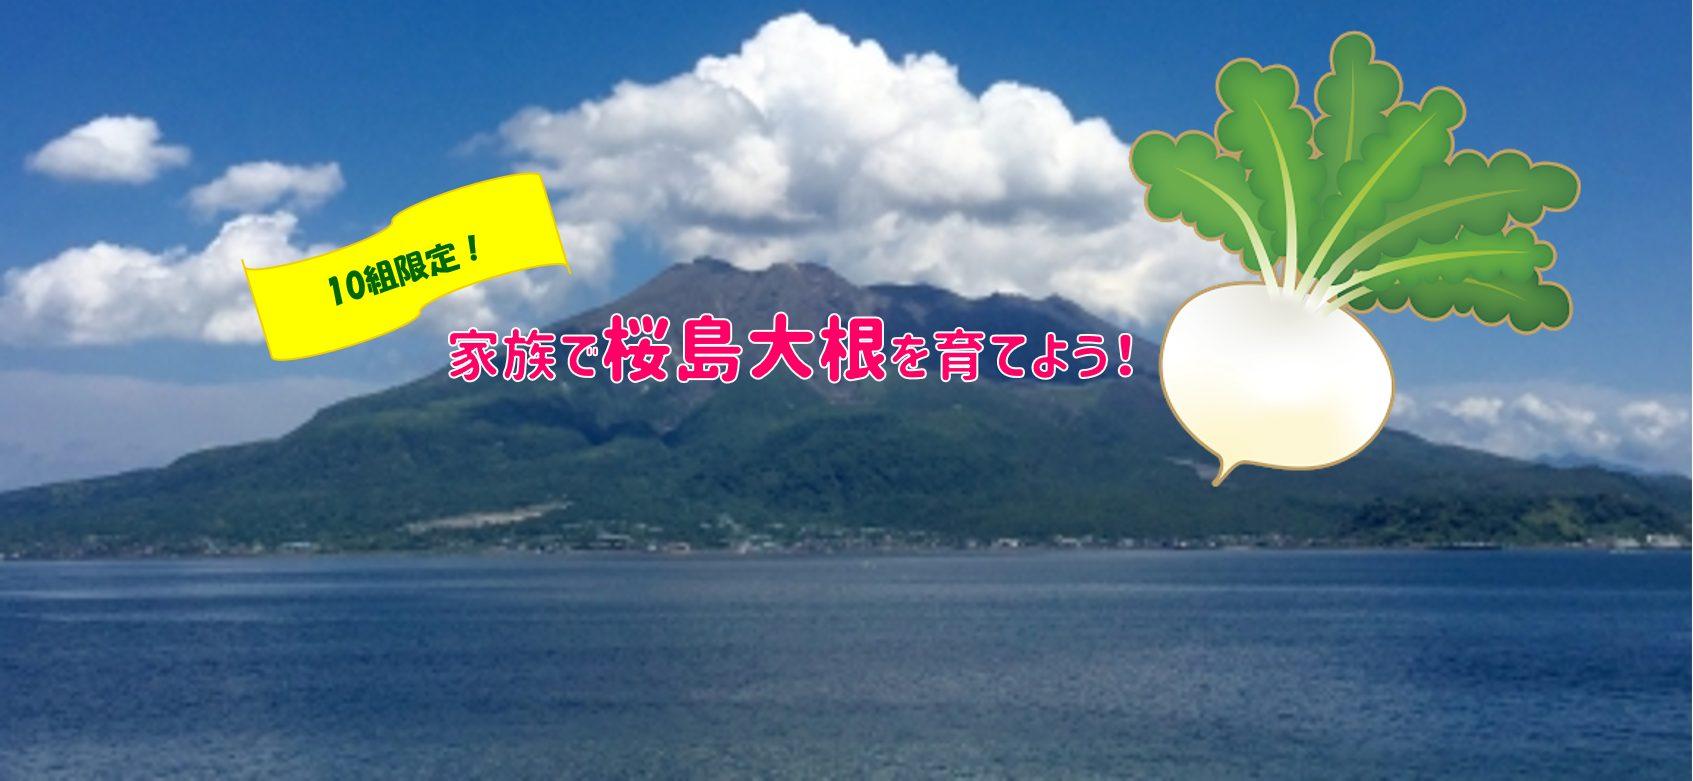 でっかい!桜島大根栽培きょうしつ(家族向け)